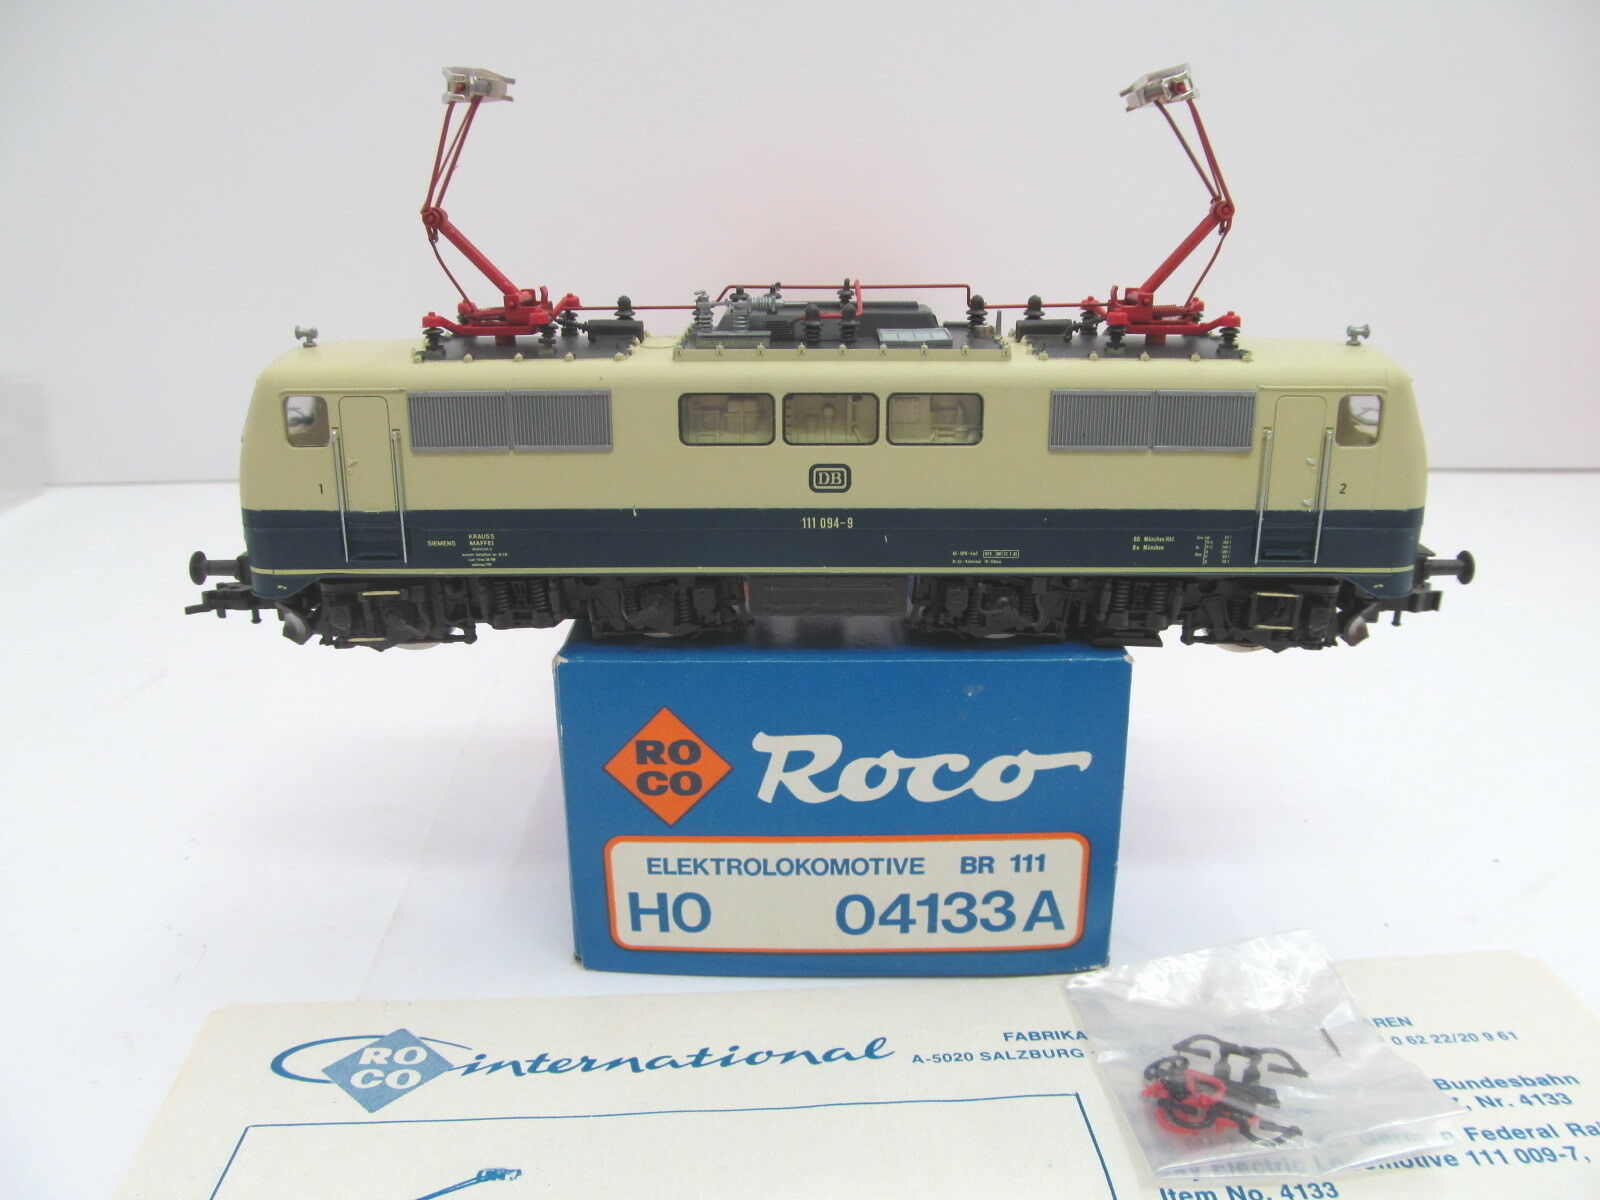 Mes-44198 04133 roco a h0 e-Lok DB 111 094-9 muy buen estado, función examinado